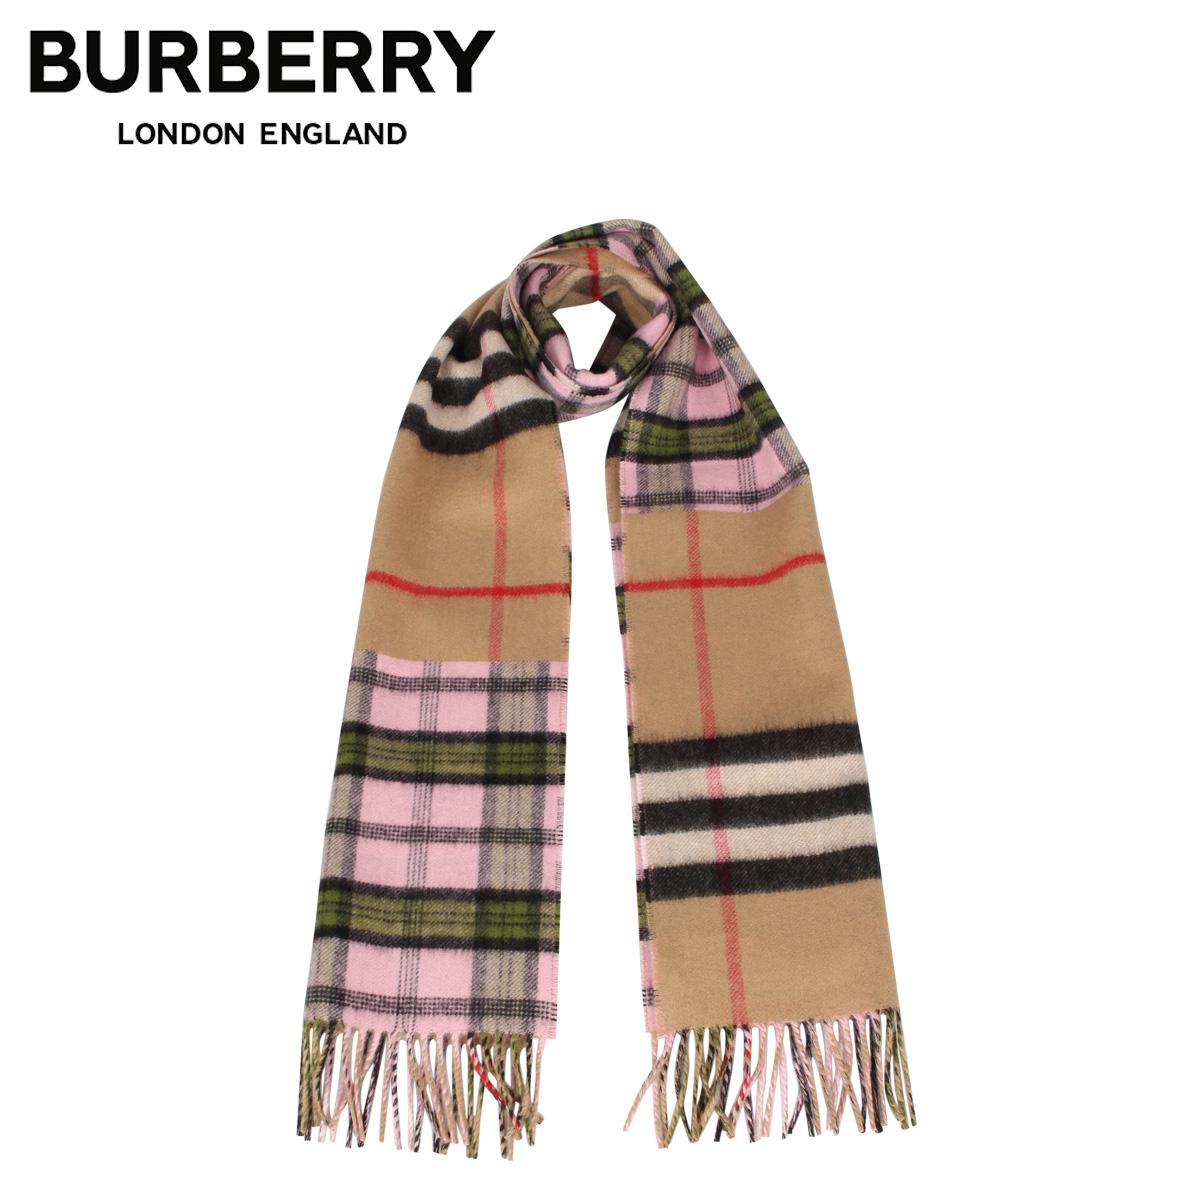 BURBERRY バーバリー マフラー スカーフ メンズ レディース チェック カシミア MUFFLER ブラウン 8022485